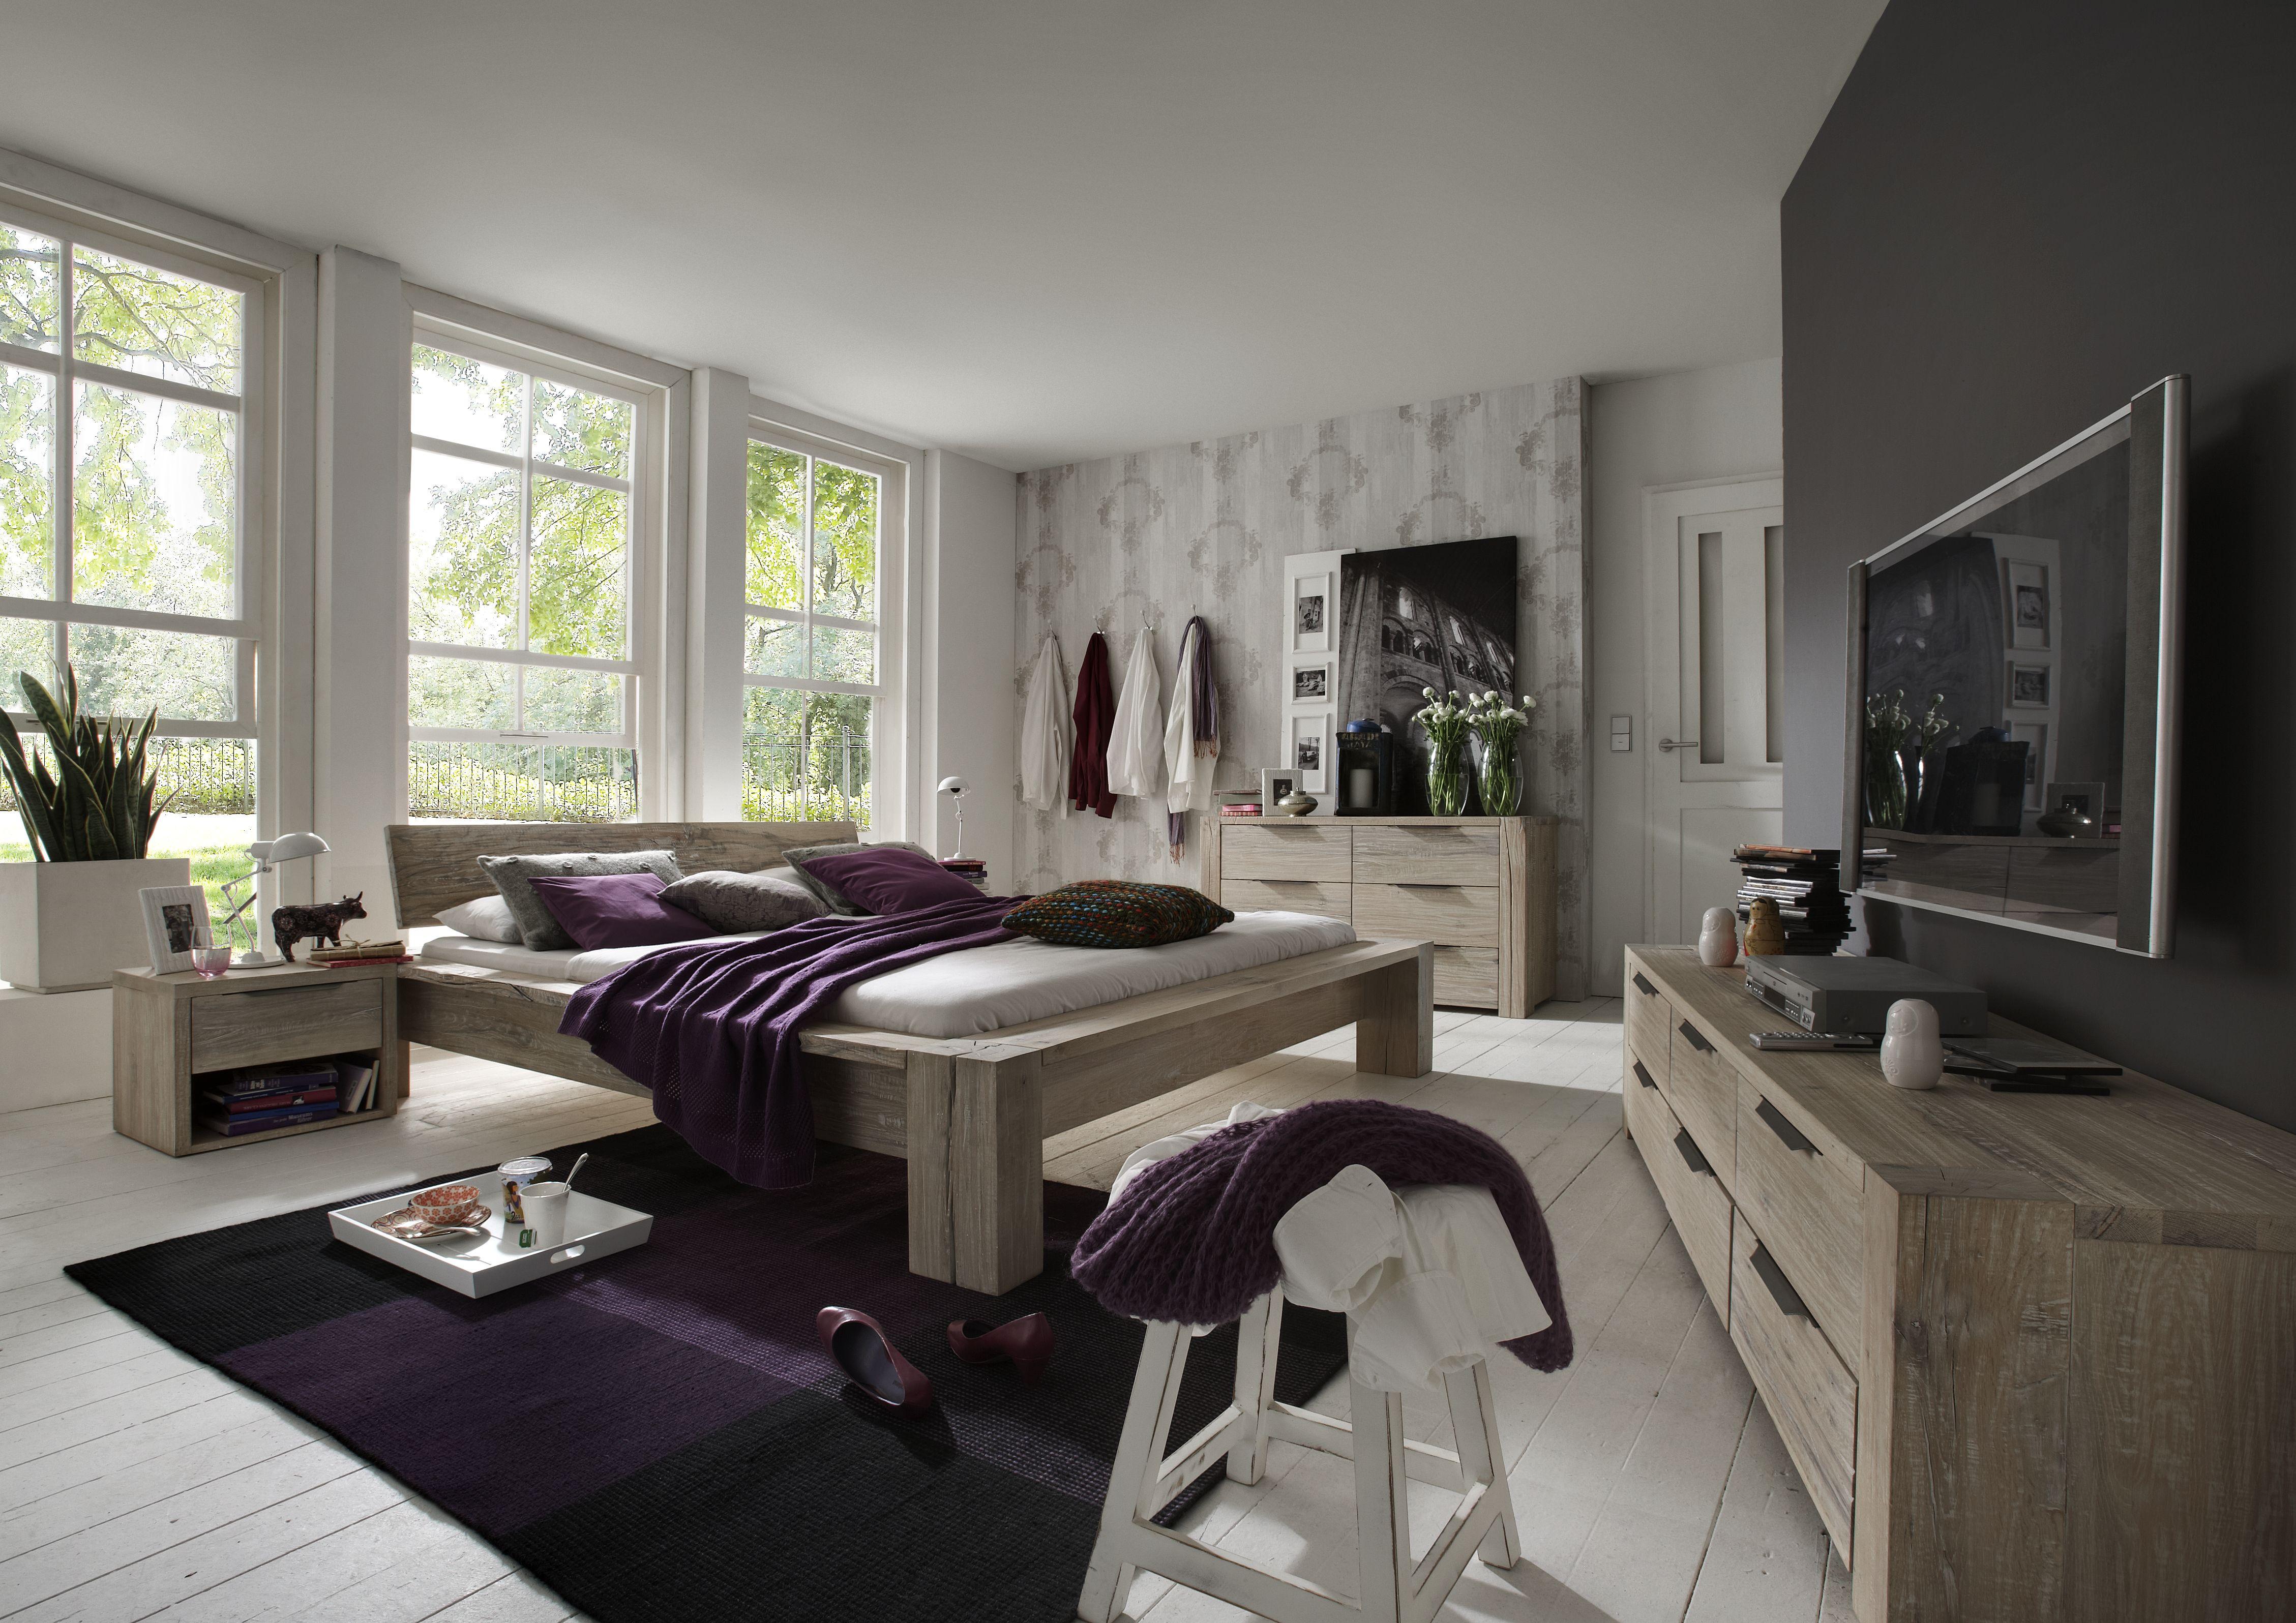 Balkenbett Holzbett aus Eiche massiv in white wash von Tjoernbo